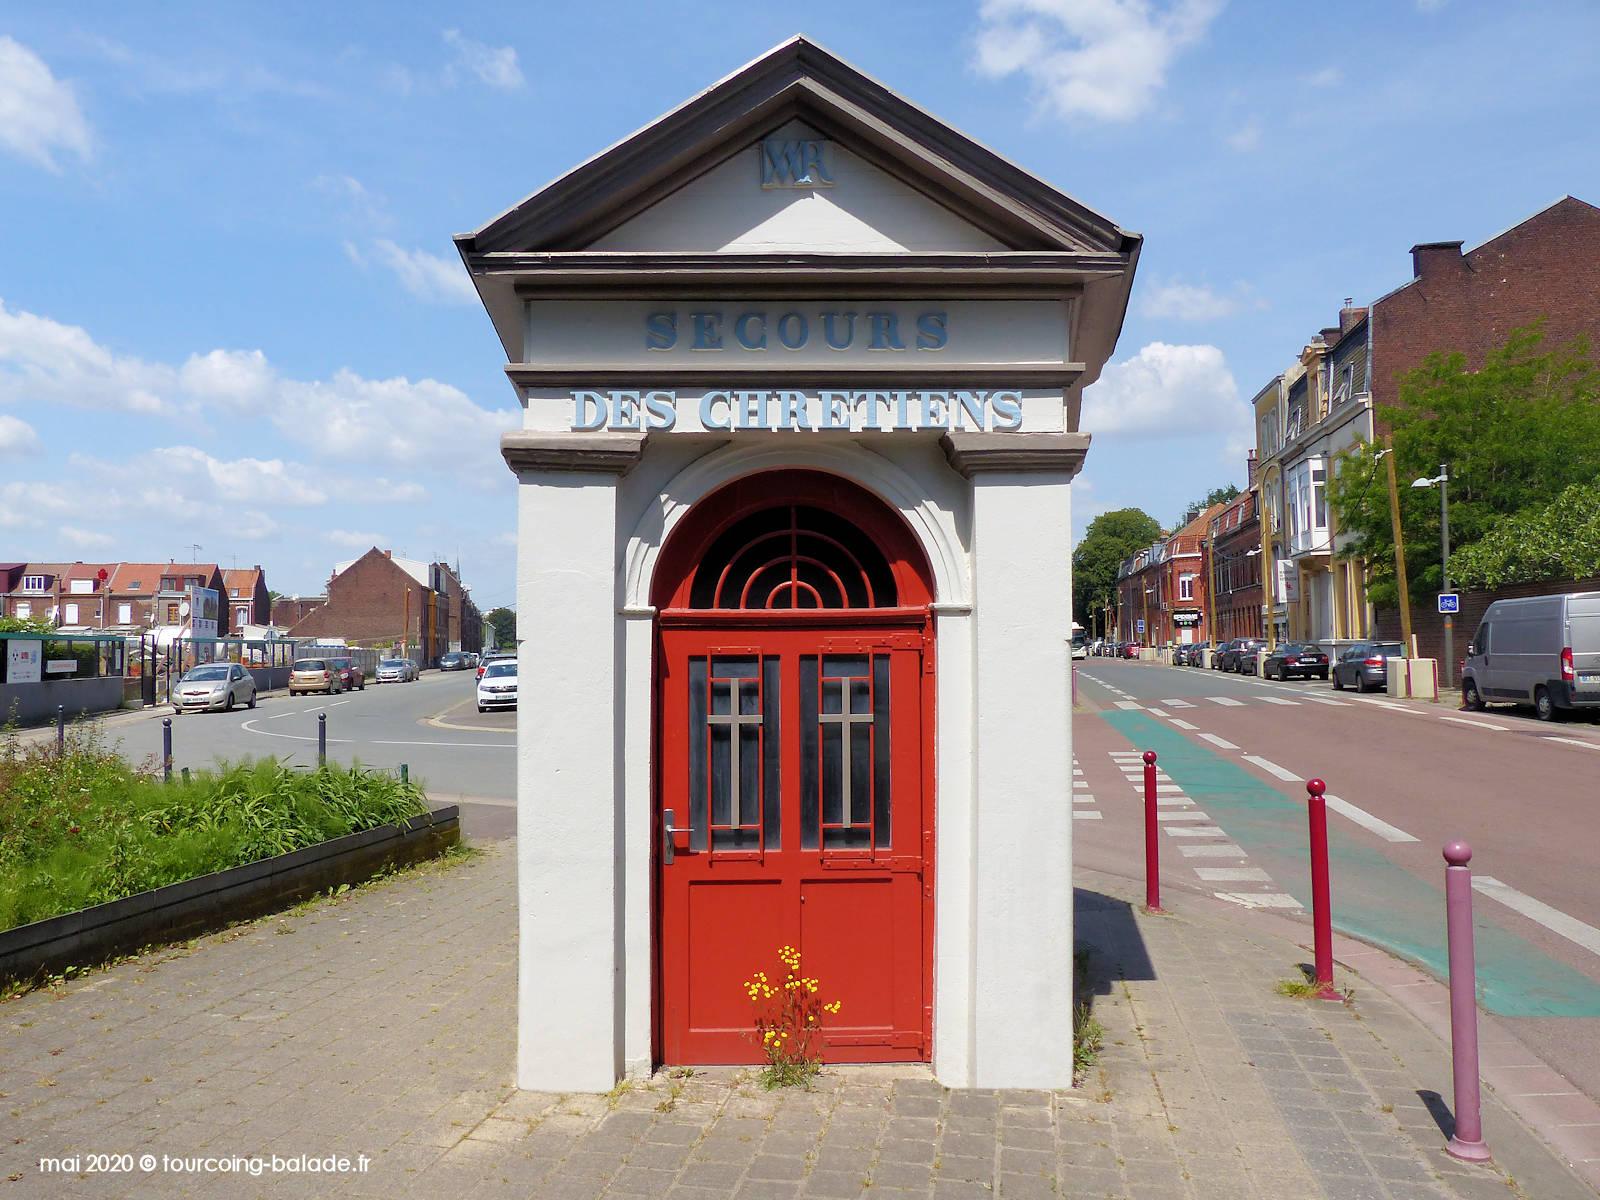 Chapelle Secours des Chrétiens, Tourcoing 2020